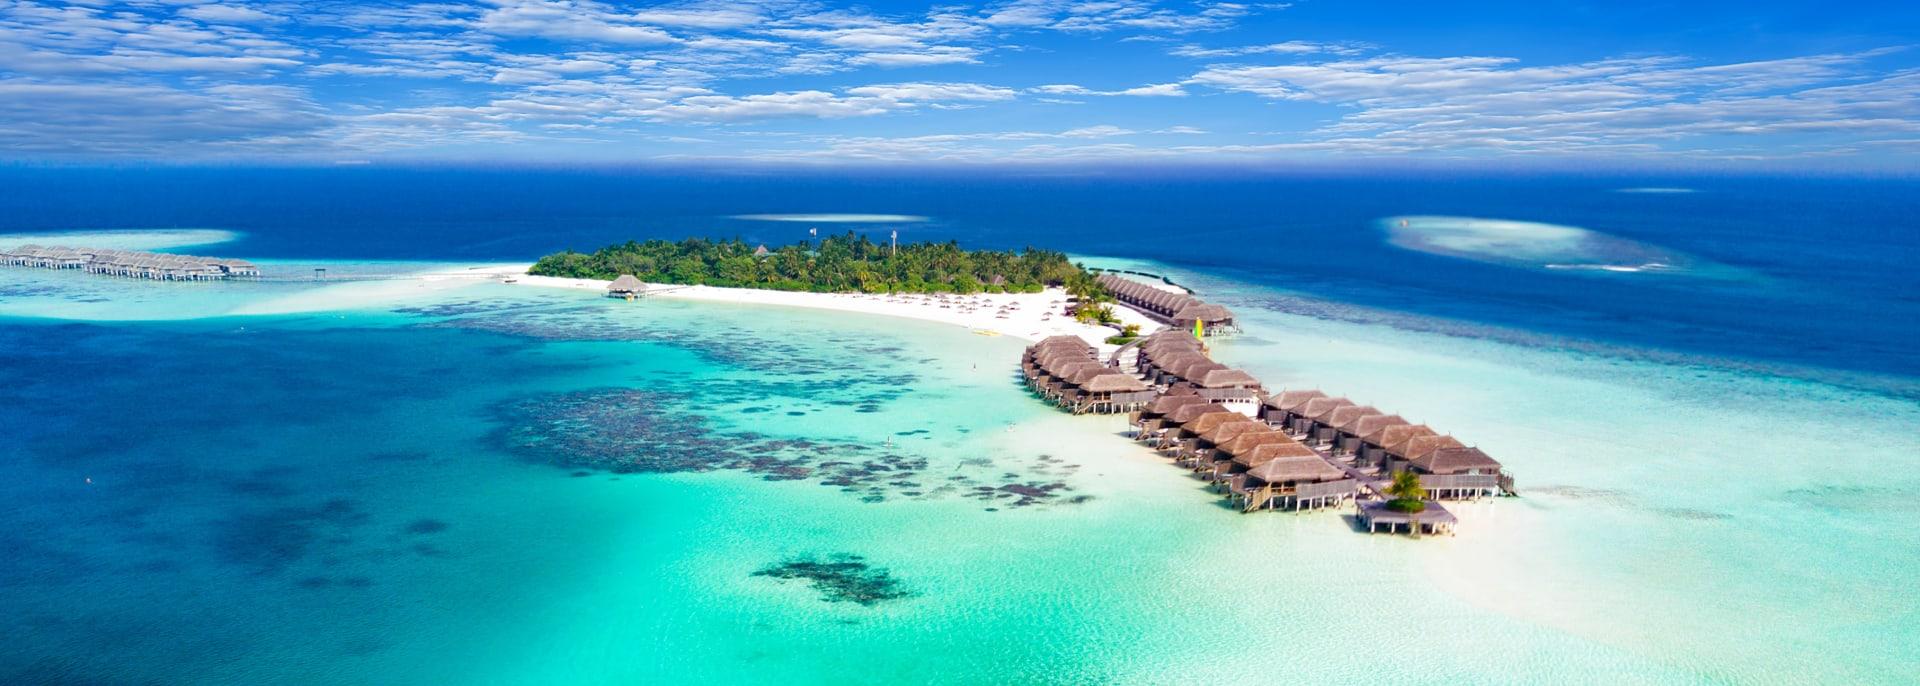 Atolle strand, Malediven